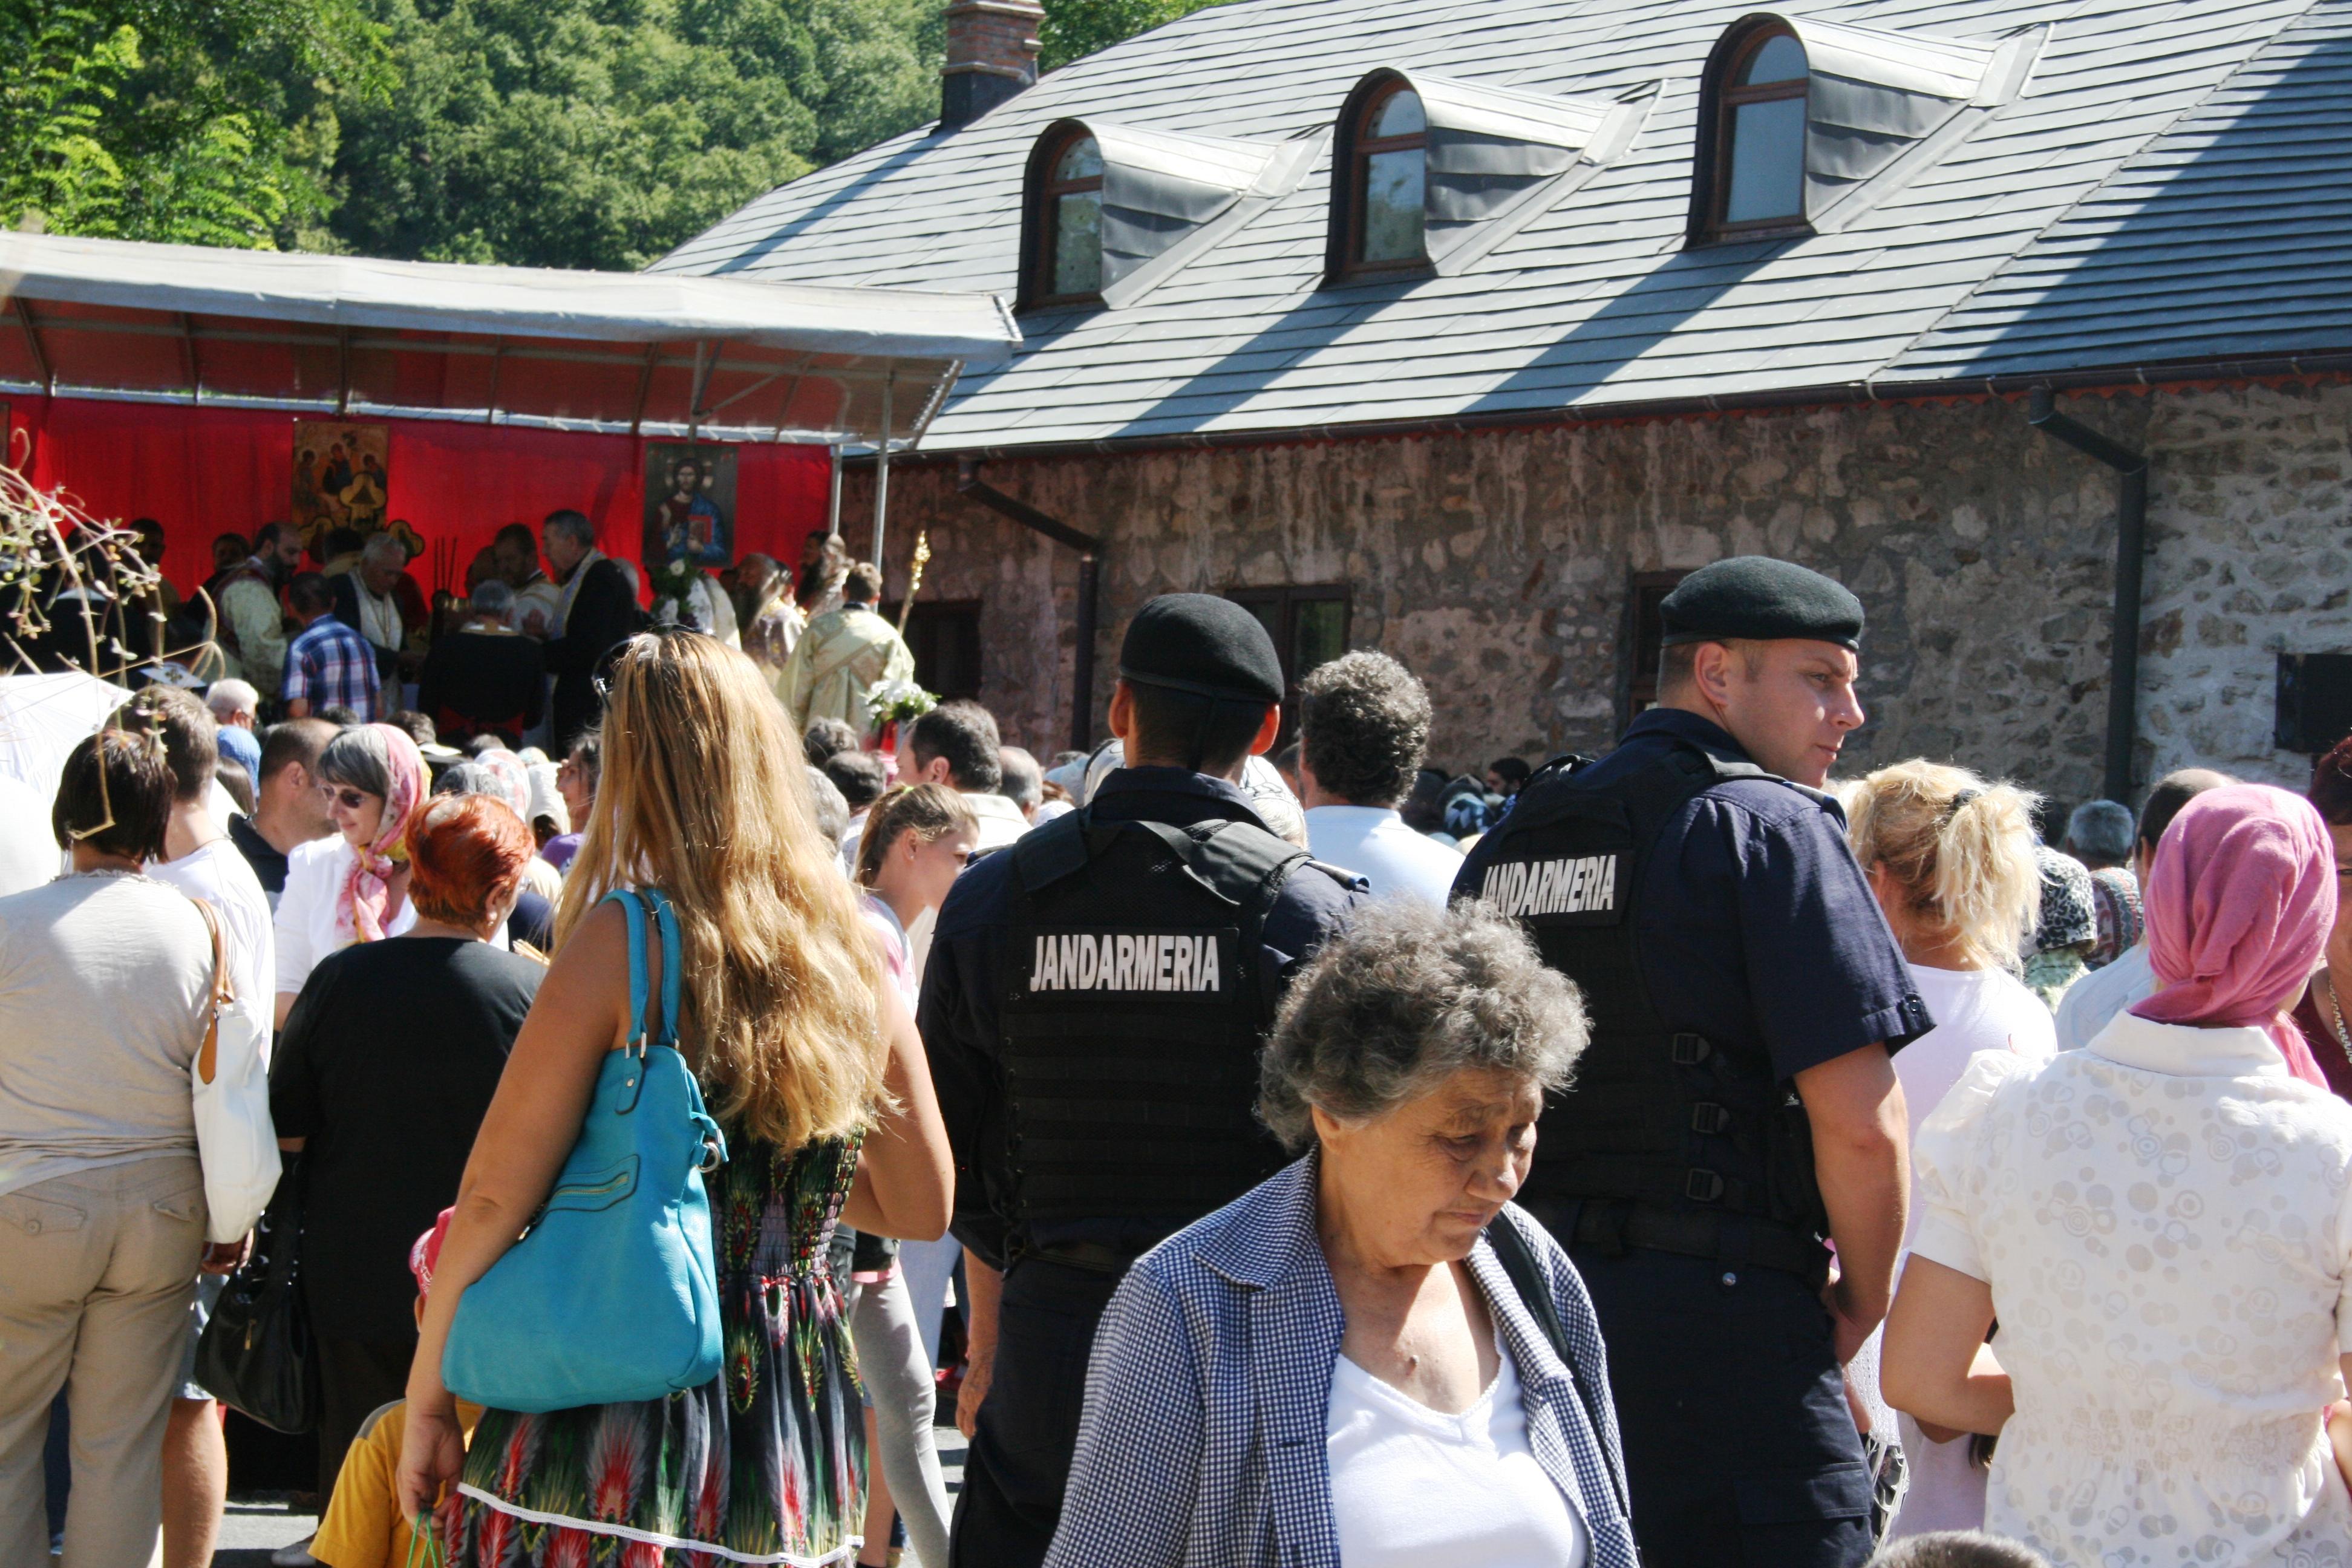 Jandarmii în sprijinul cetăţenilor la manifestările culturale şi religioase